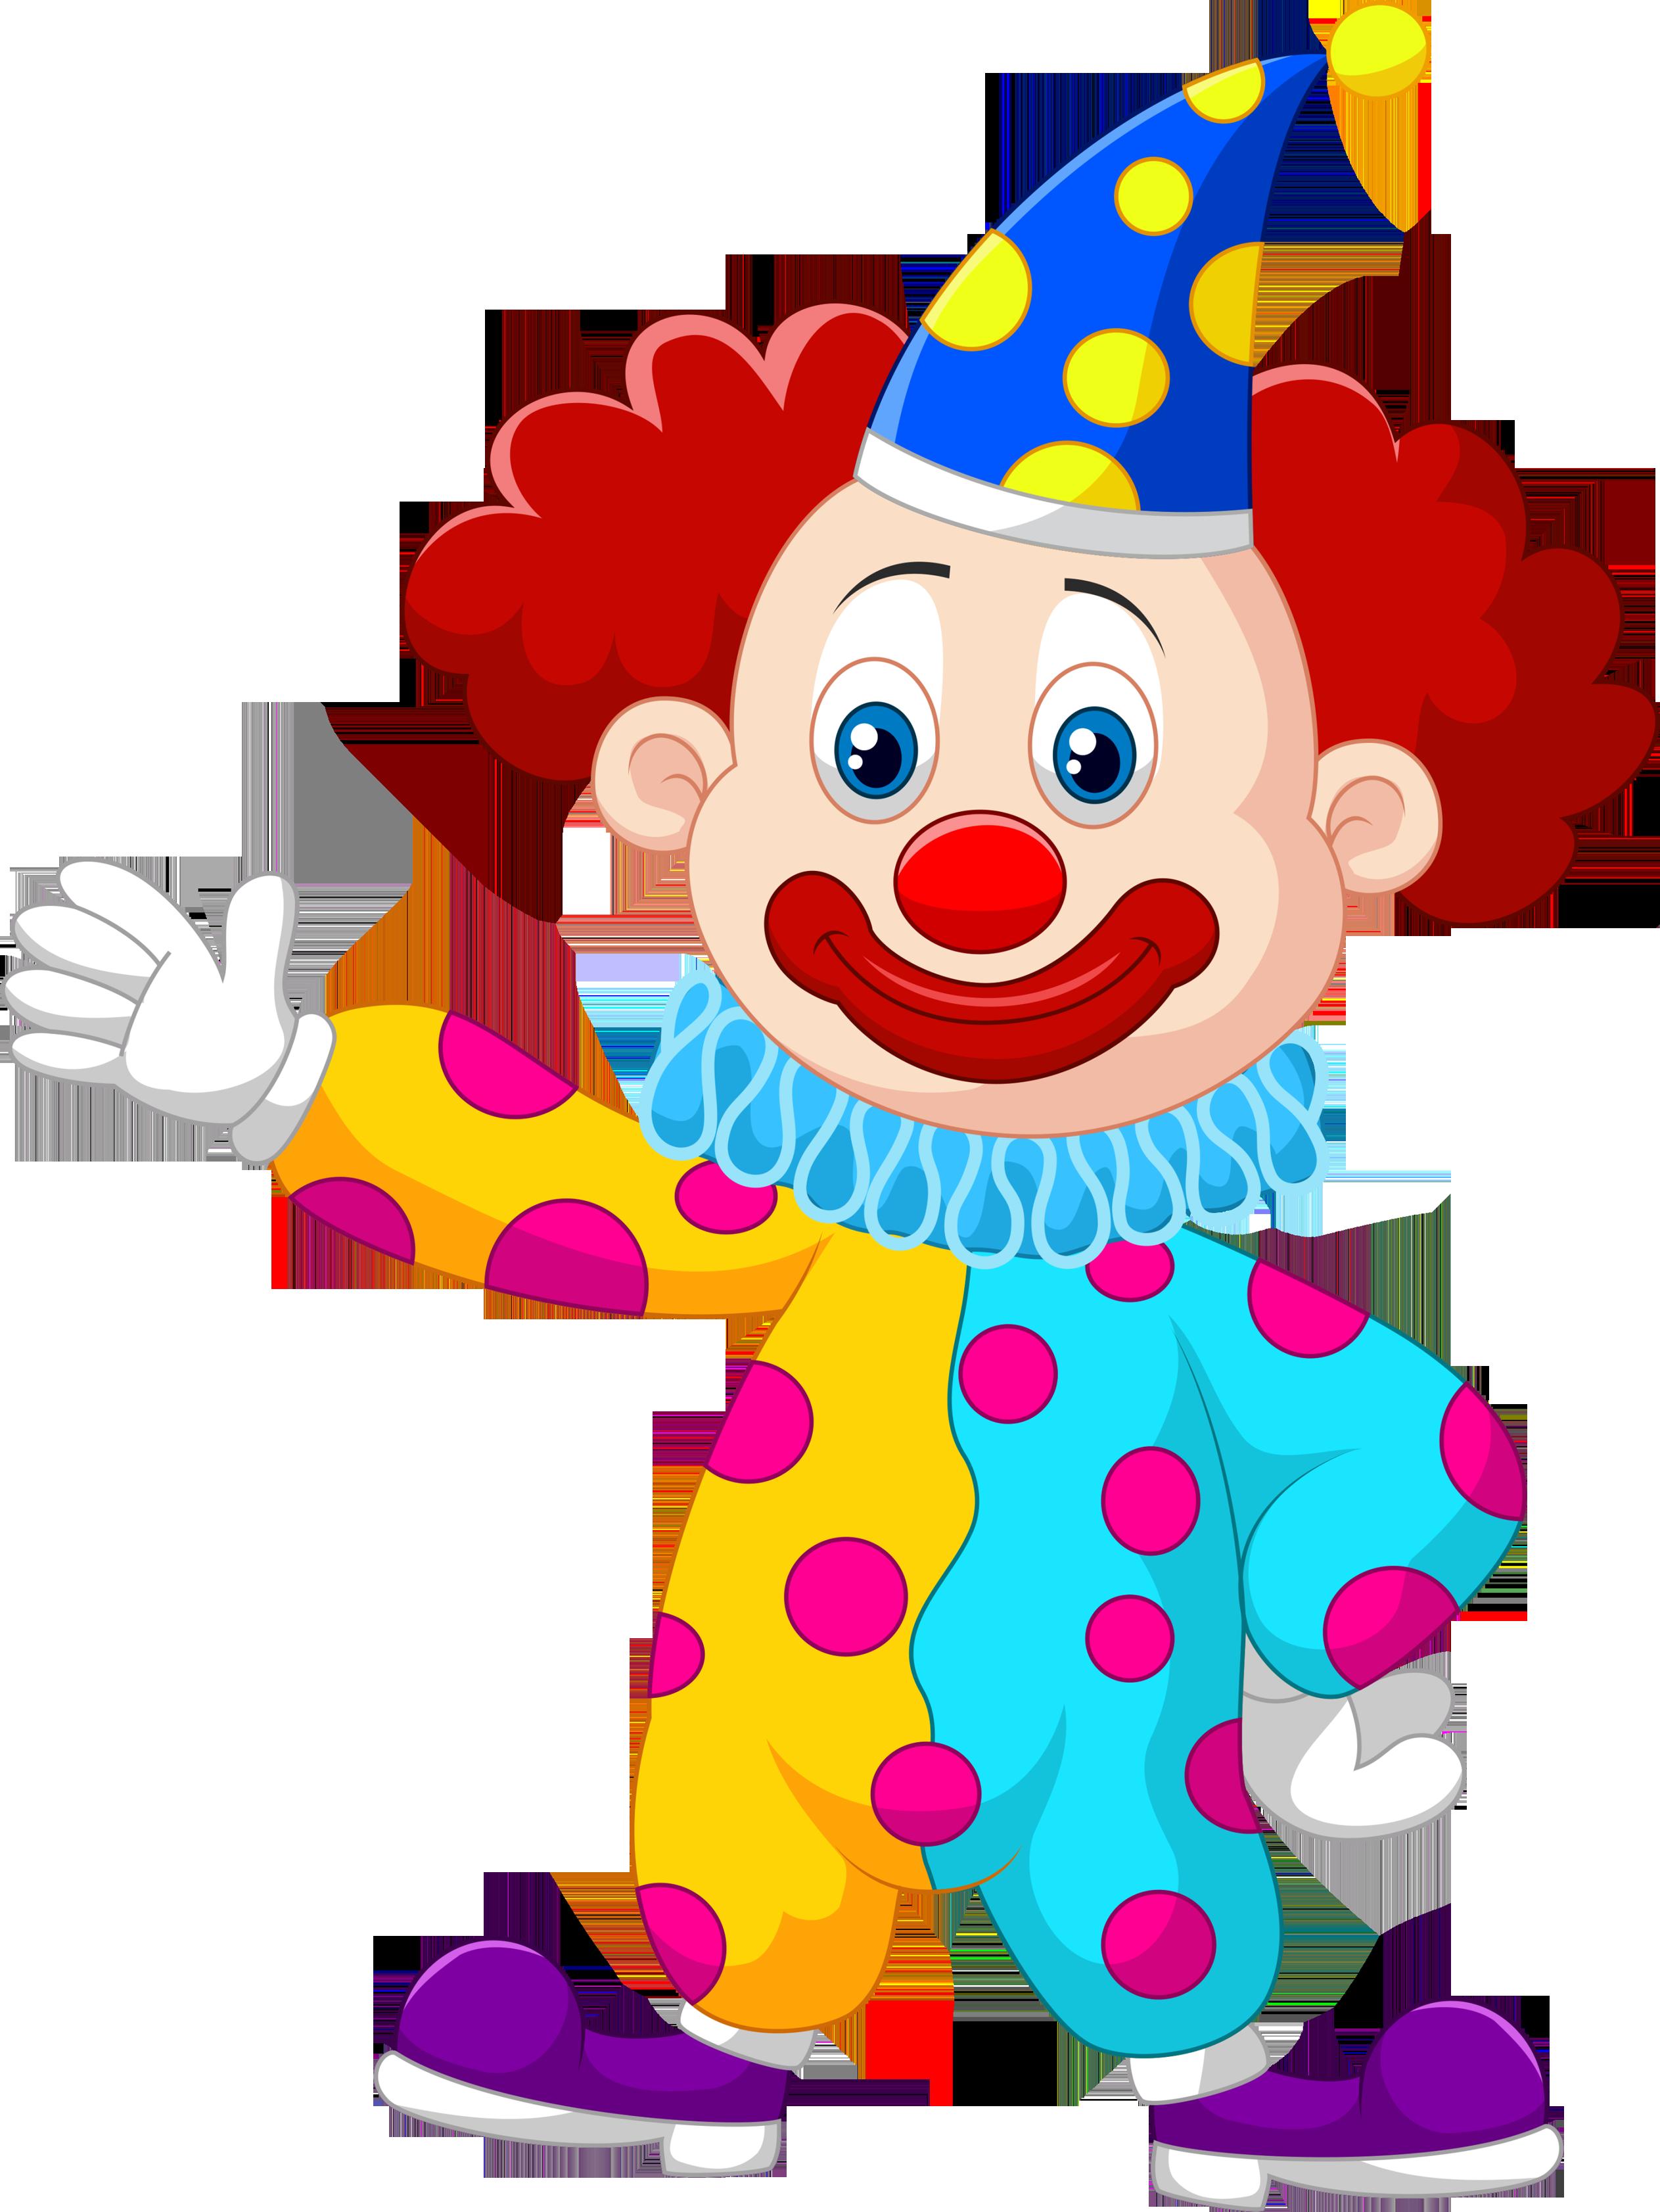 Смешные рисунки клоунов, открытки